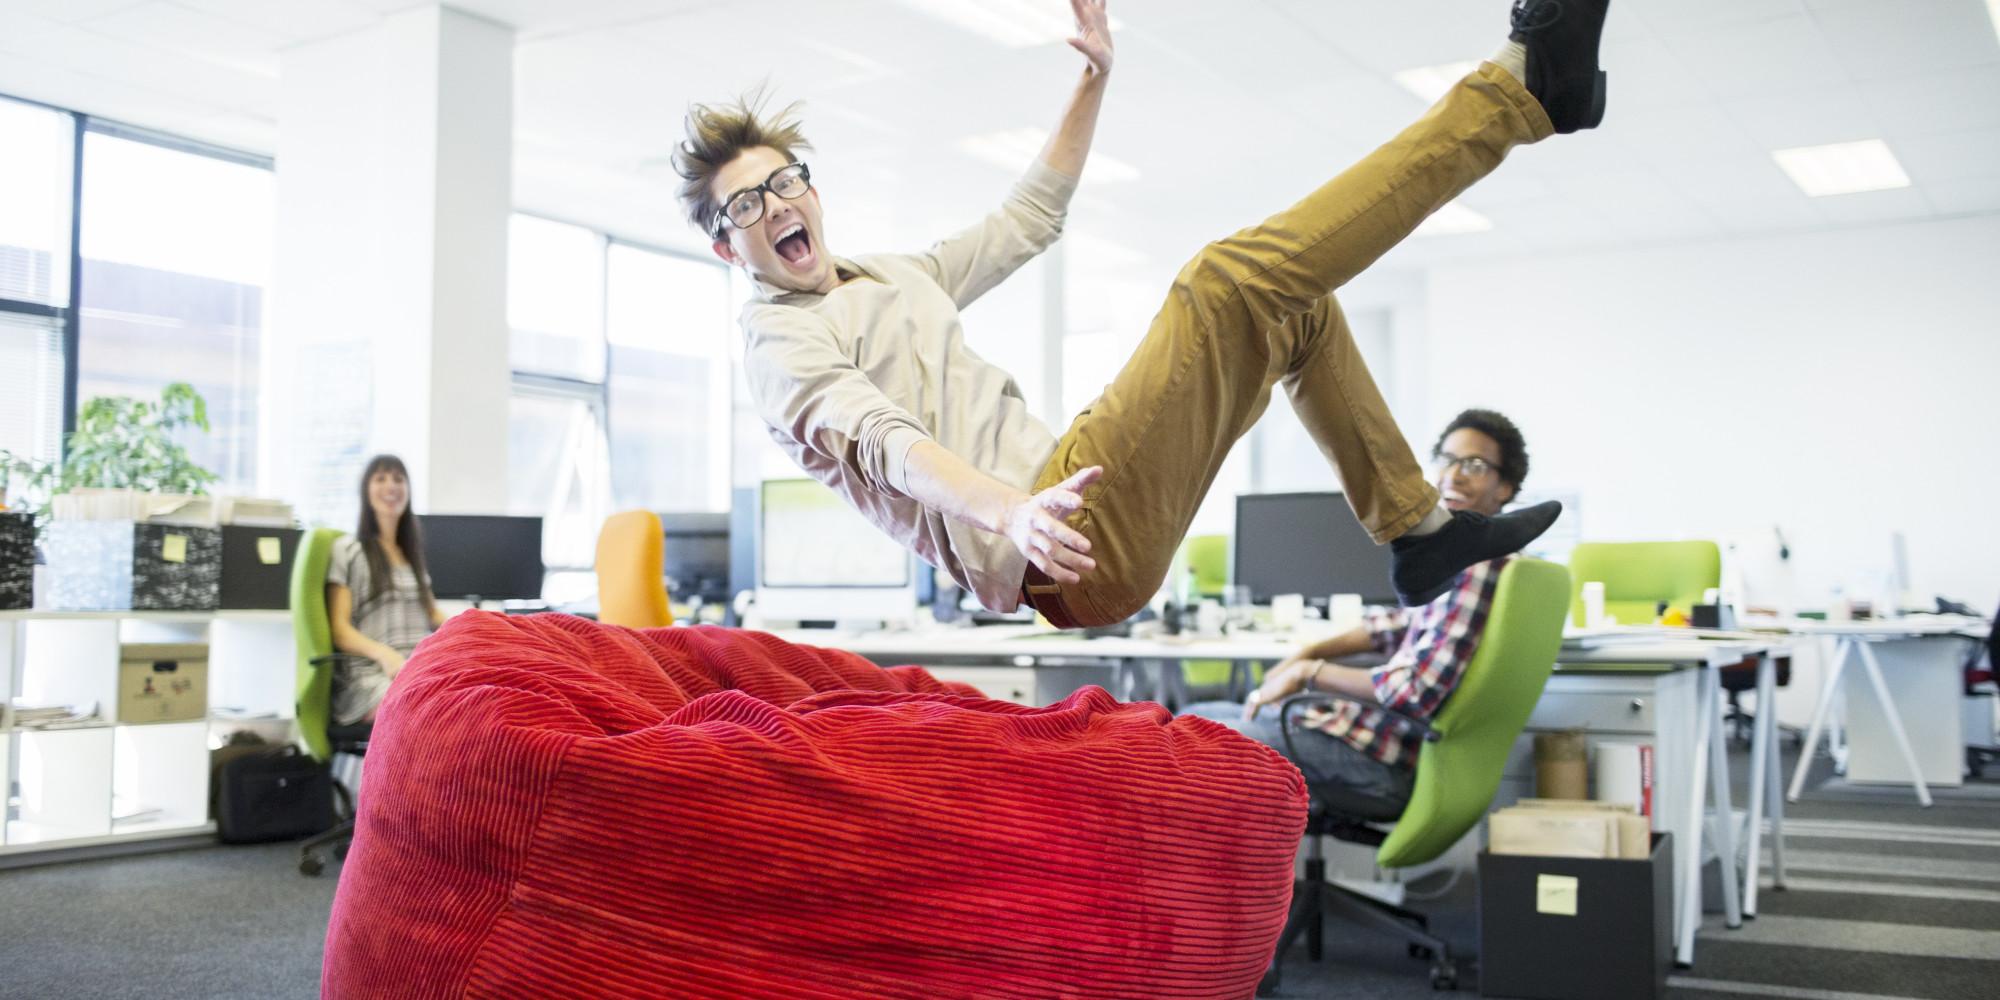 Смешные картинки в офисе